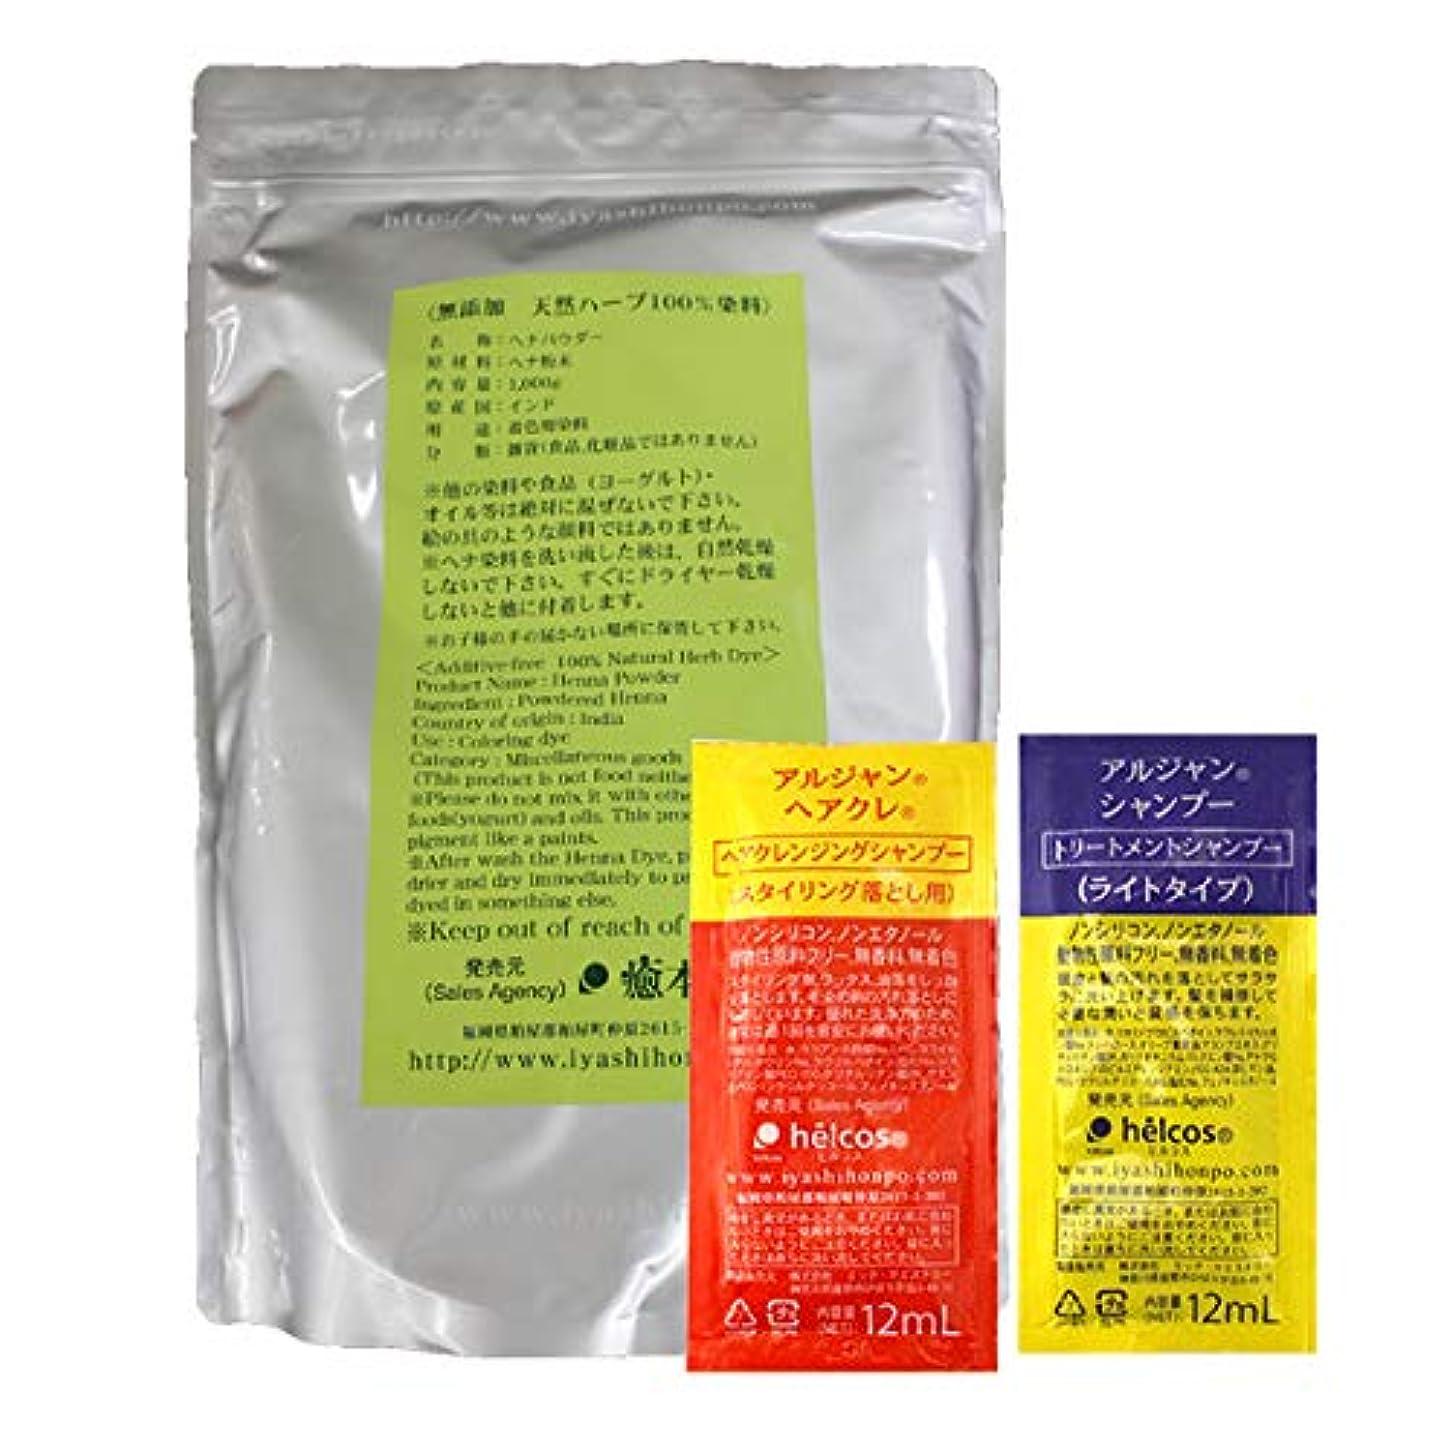 平和的液体である天然染料100% 癒本舗 ヘナ1000g+シャンプーセット 白髪染め ノンシリコン ヘアカラー ヘナカラー